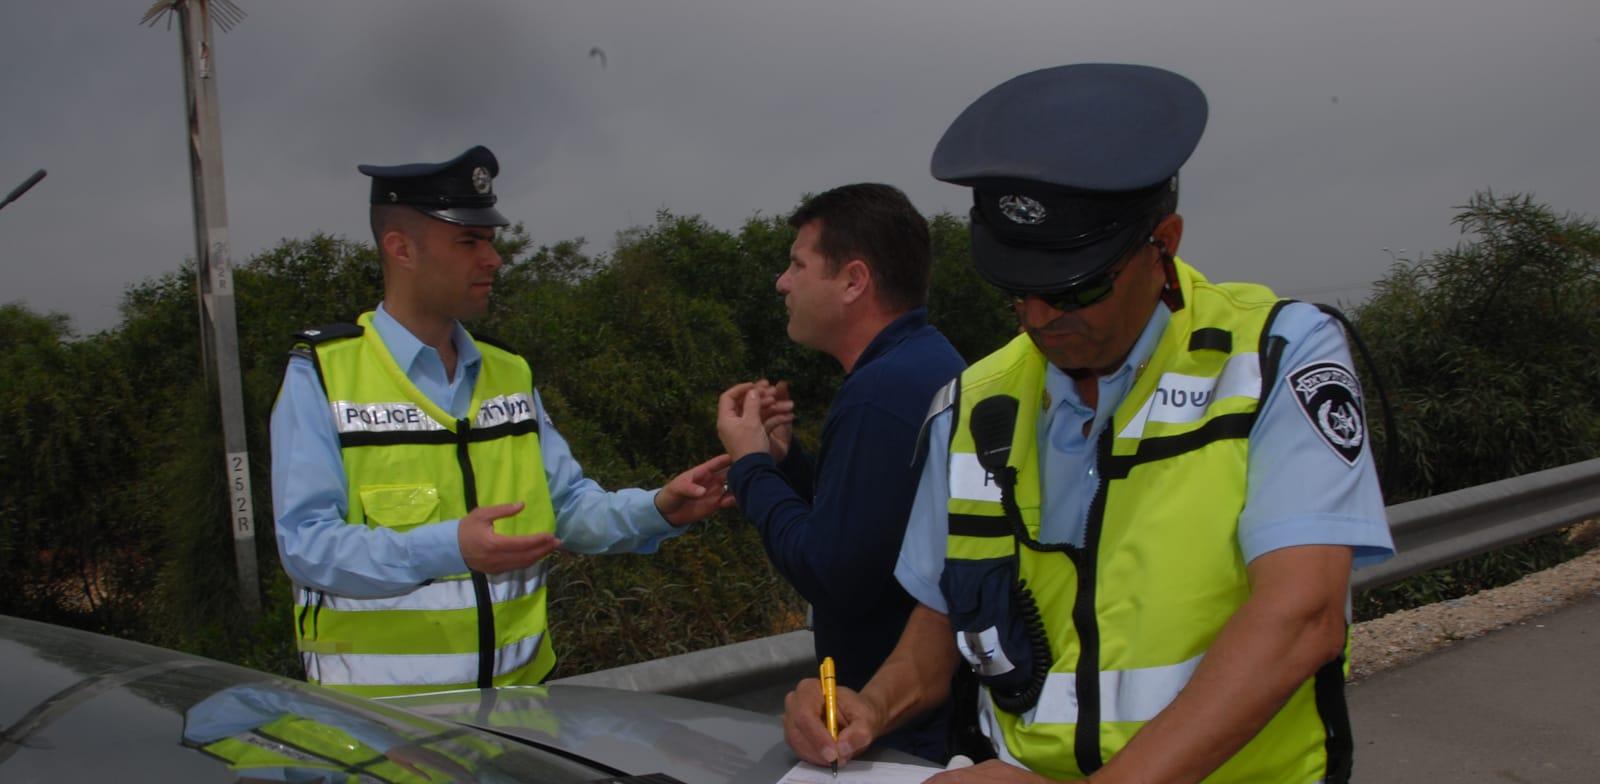 שוטרים נותנים דוח / צילום: אייל פישר